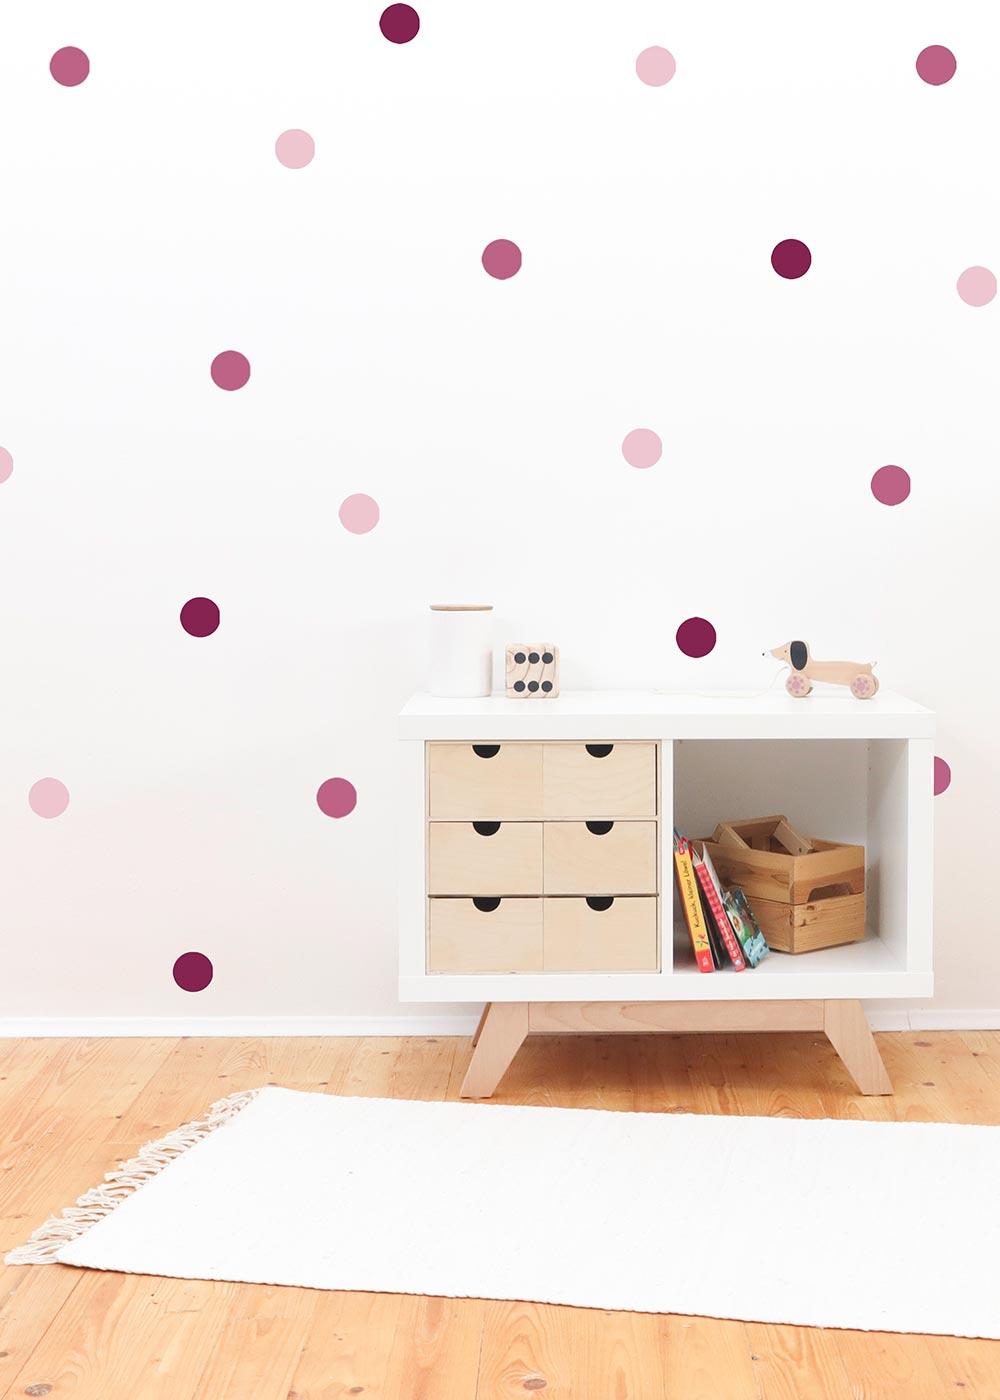 Stickerset Polka dots rosa Beispiel Kinderzimmer